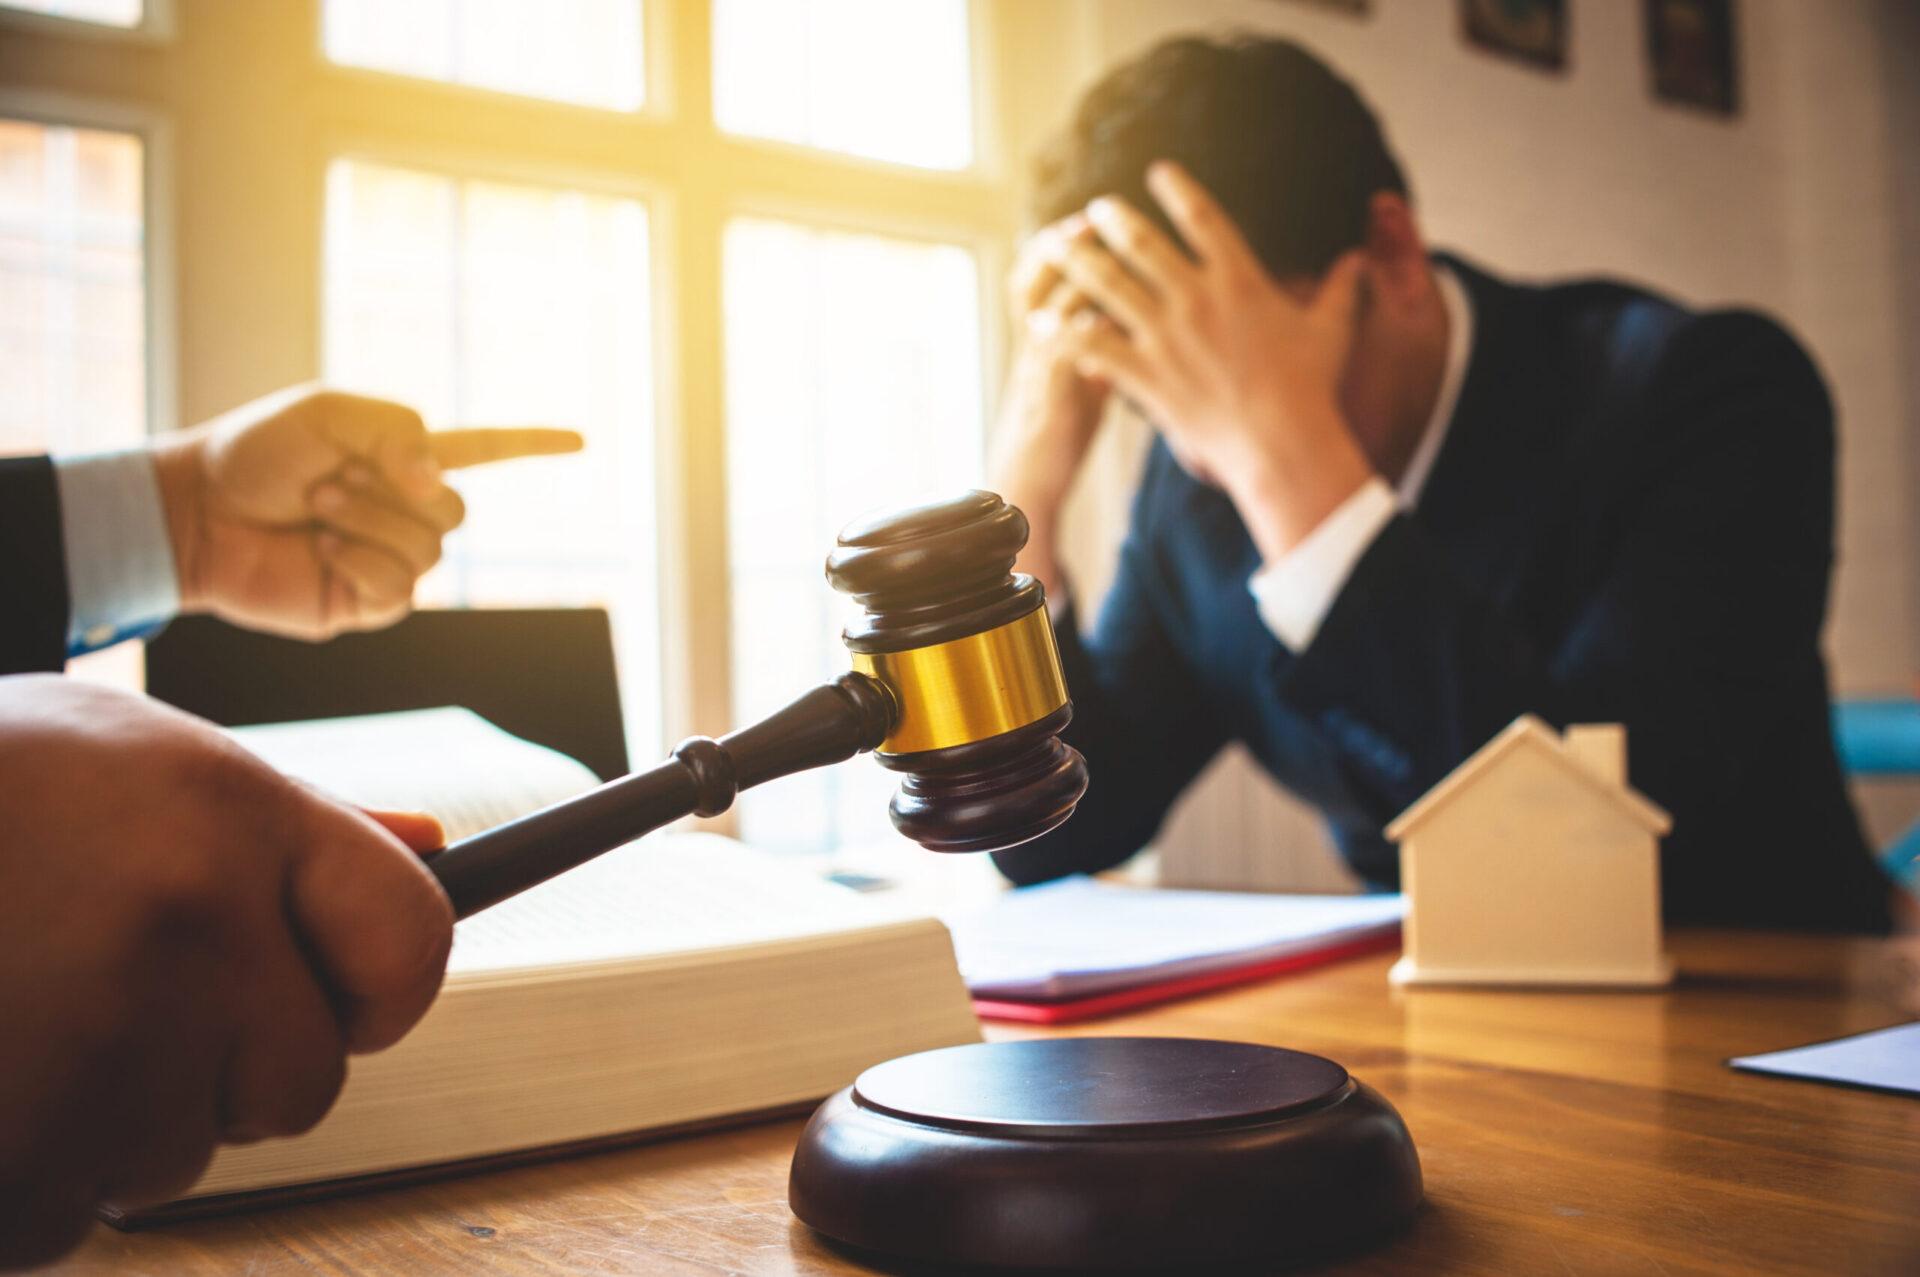 Postępowanie karne za niezłożenie sprawozdania finansowego – jak prezes spółki może się obronić?